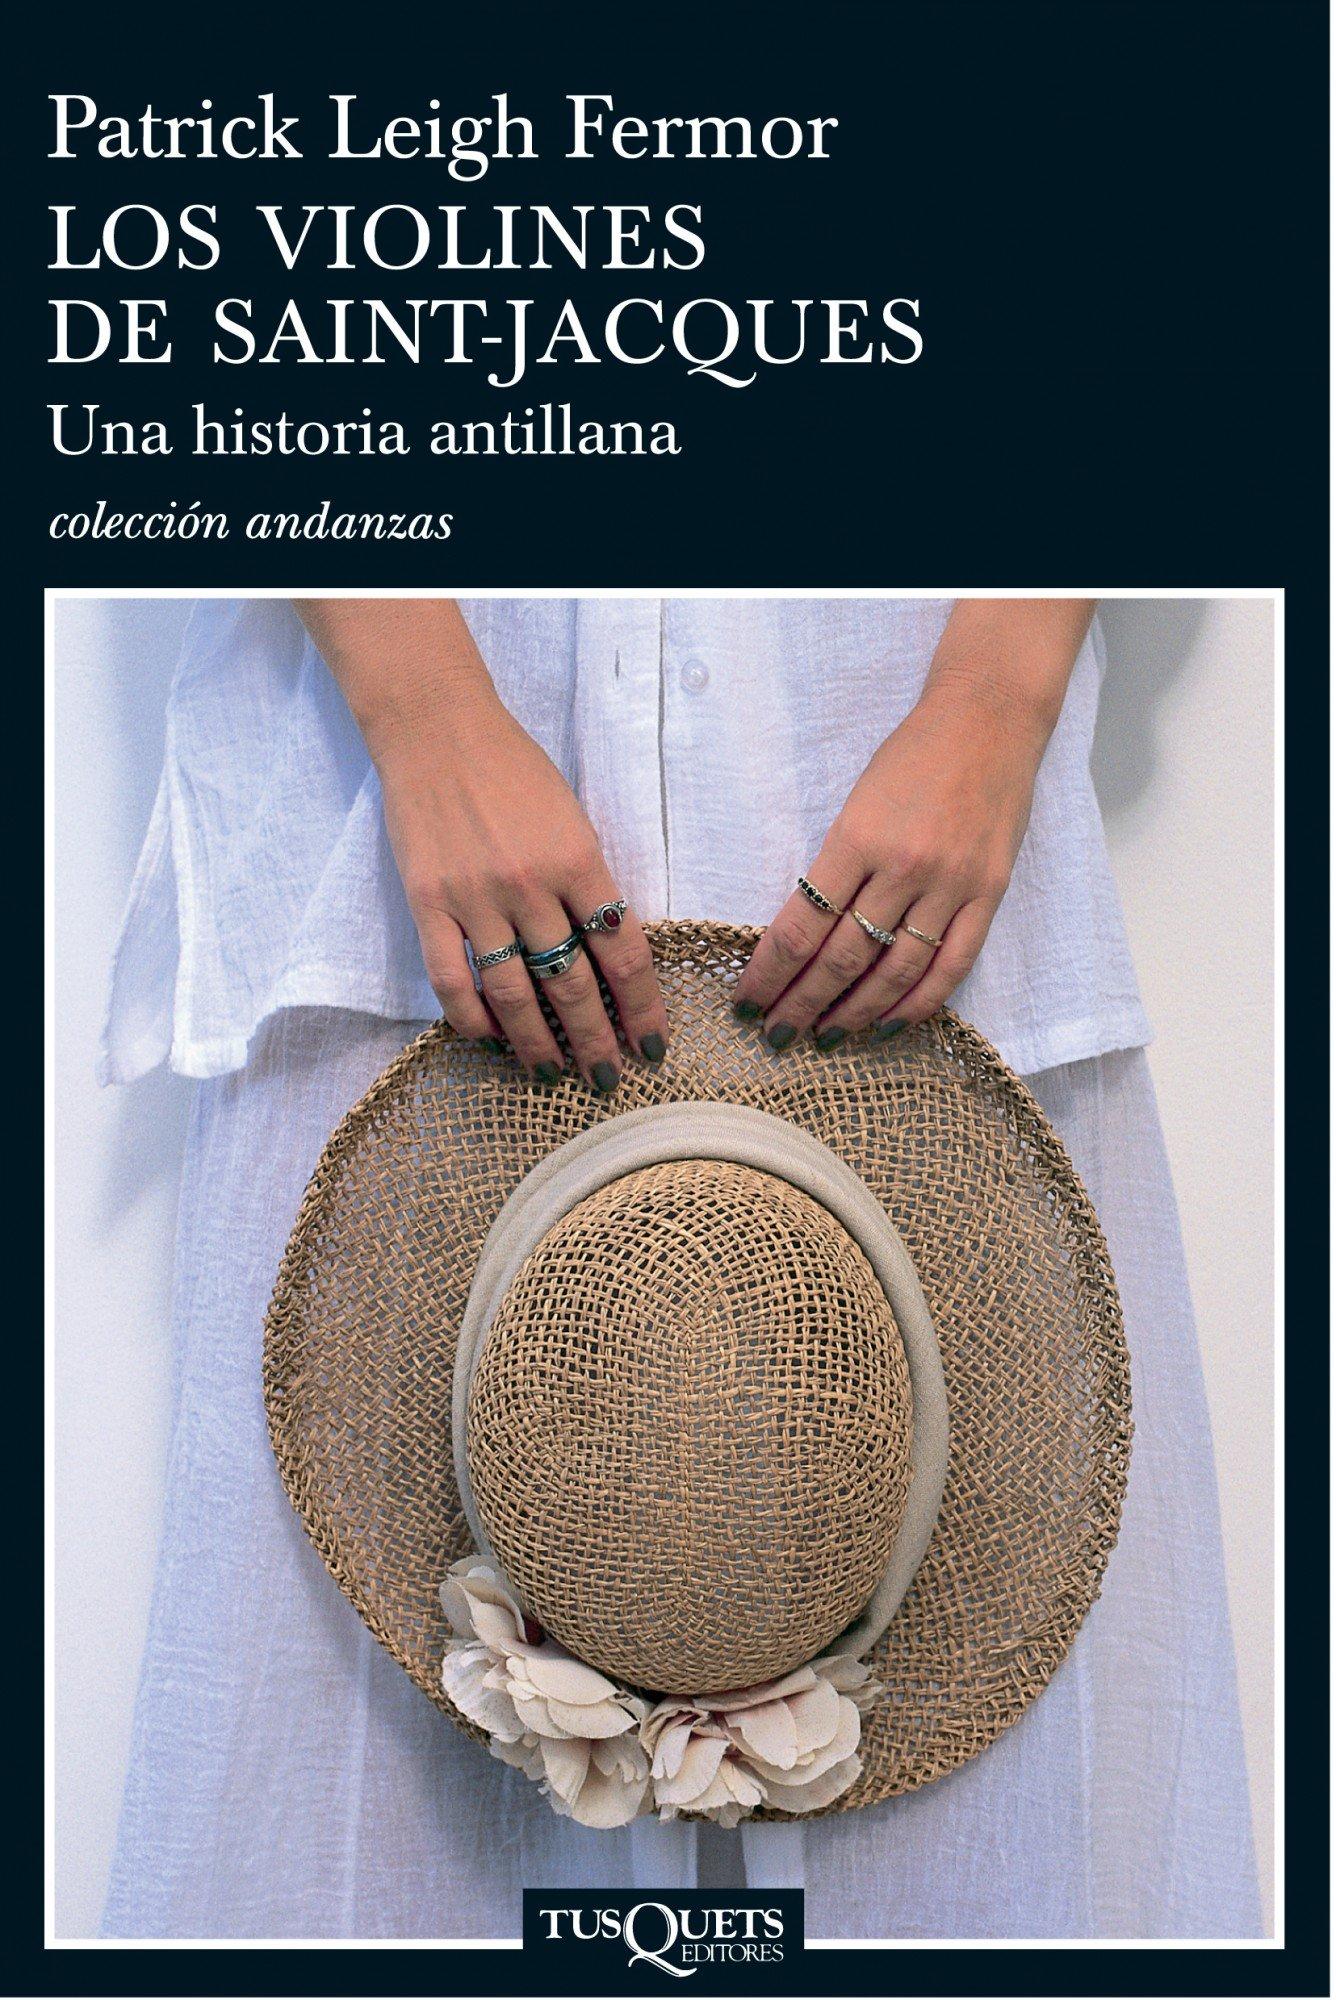 Los violines de Saint-Jacques (.): Amazon.es: Patrick Leigh Fermor: Libros